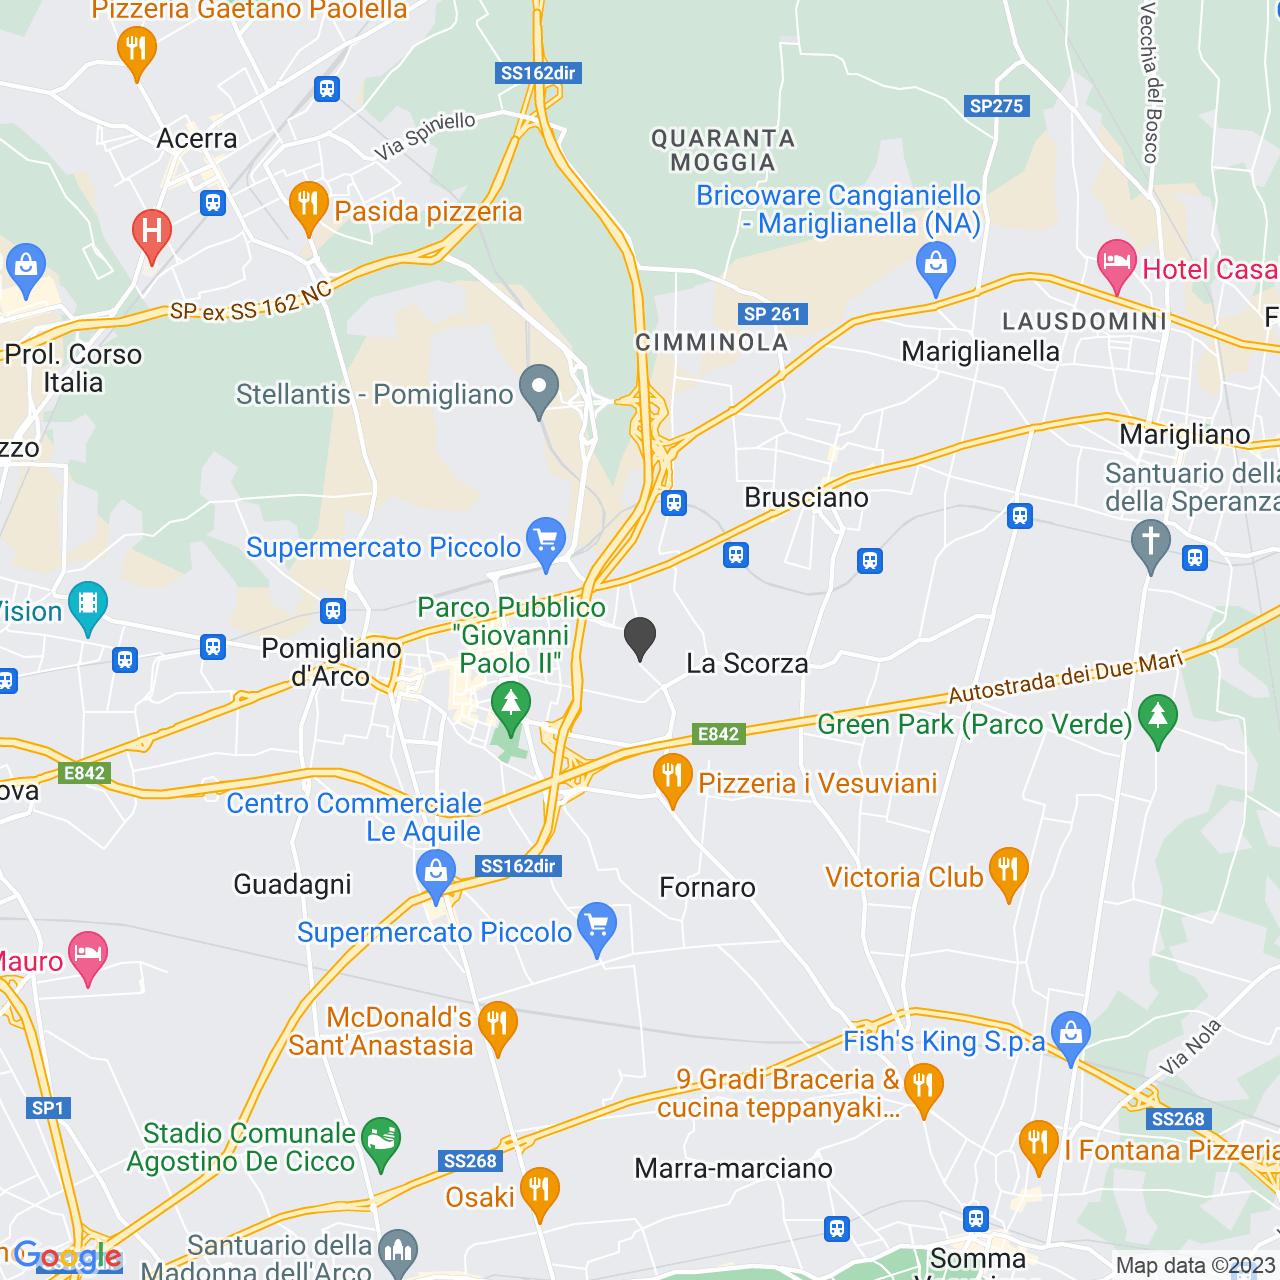 CIMITERO CASTELLO DI CISTERNA